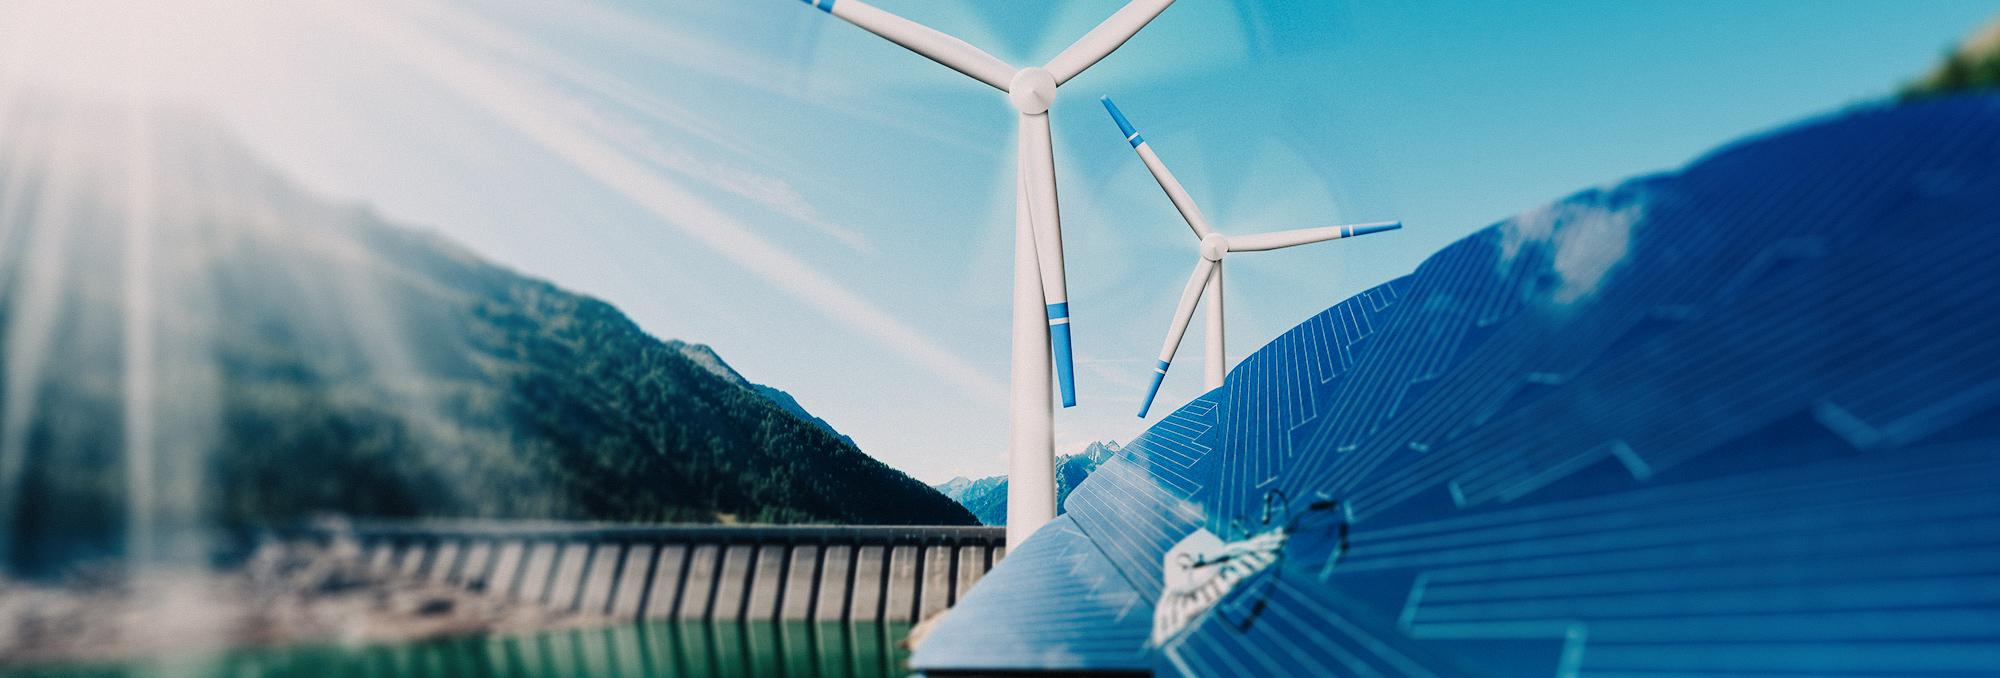 Odolné a spolehlivé dráty pro energetiku